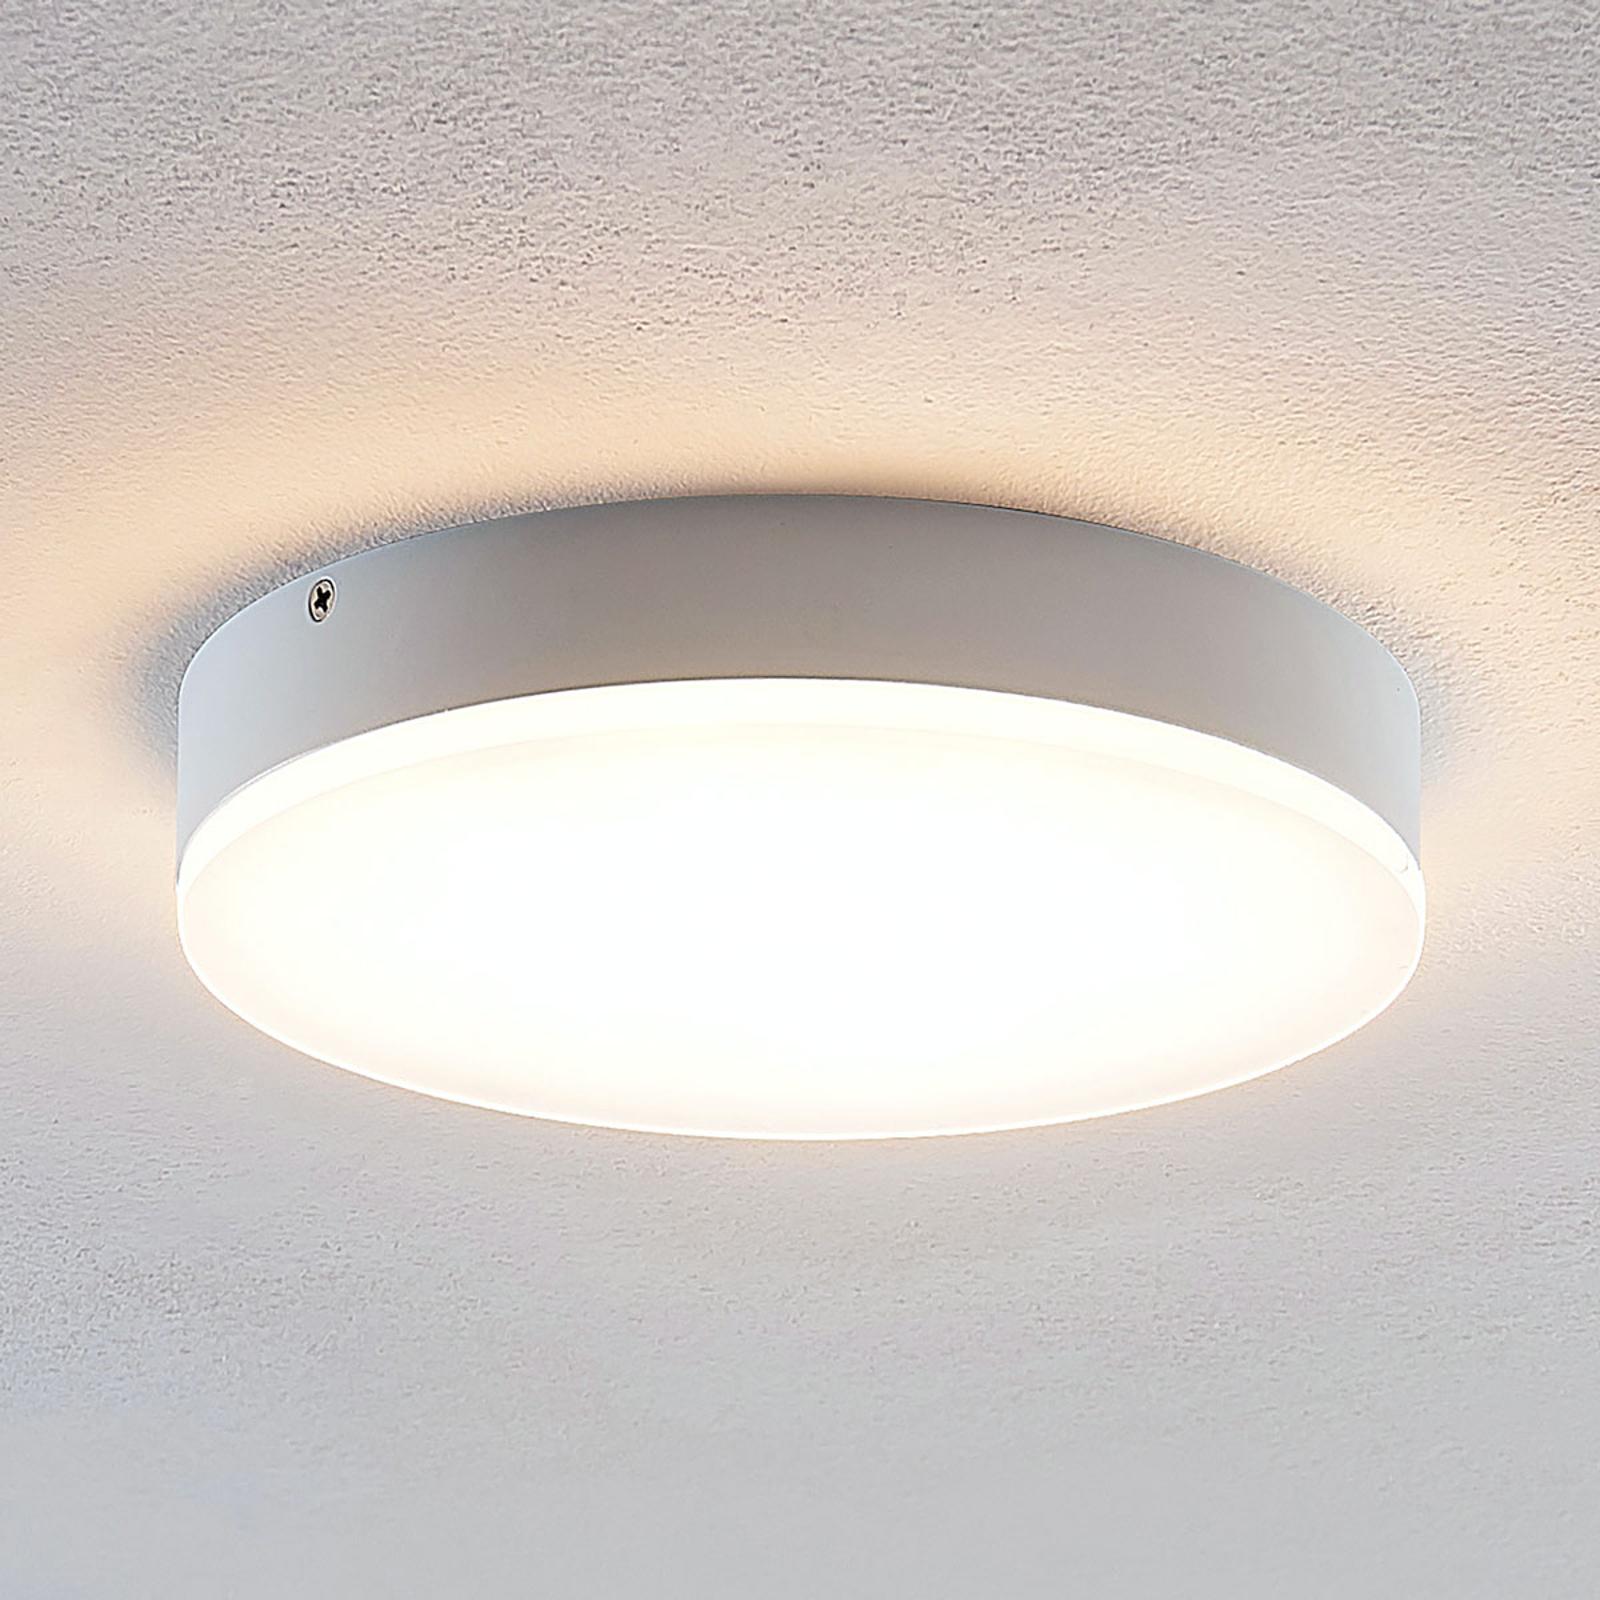 Lindby Leonta LED plafondlamp, wit, Ø 20 cm